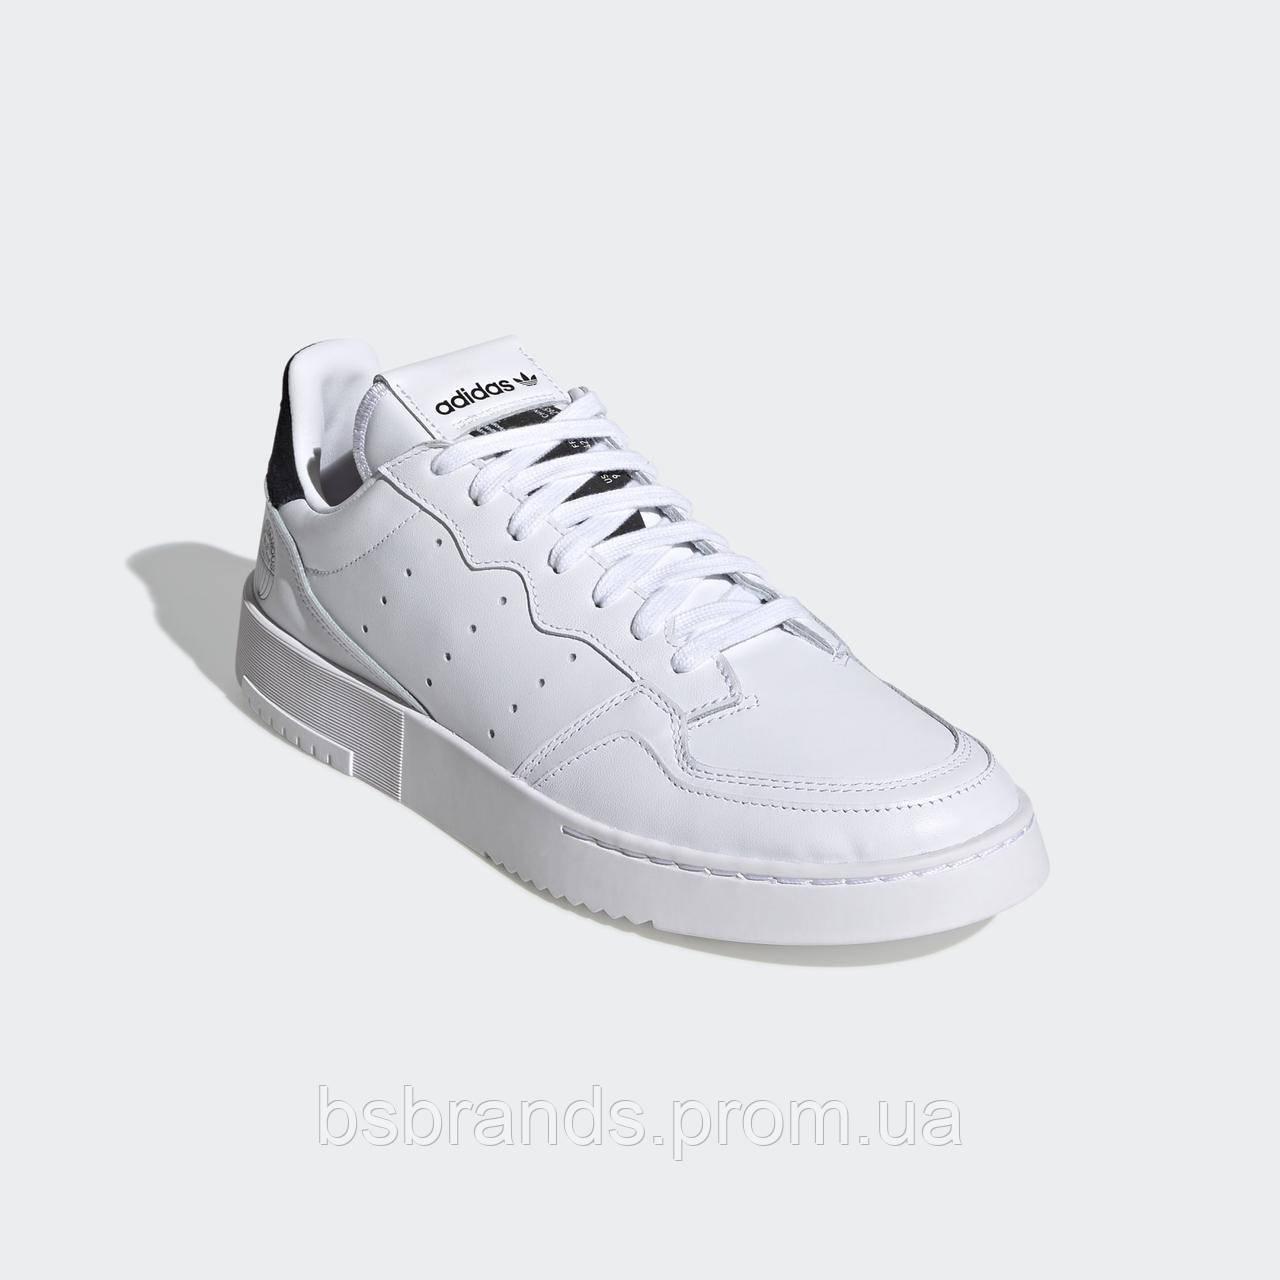 Чоловічі кросівки adidas Supercourt EF5870 (2020/1)